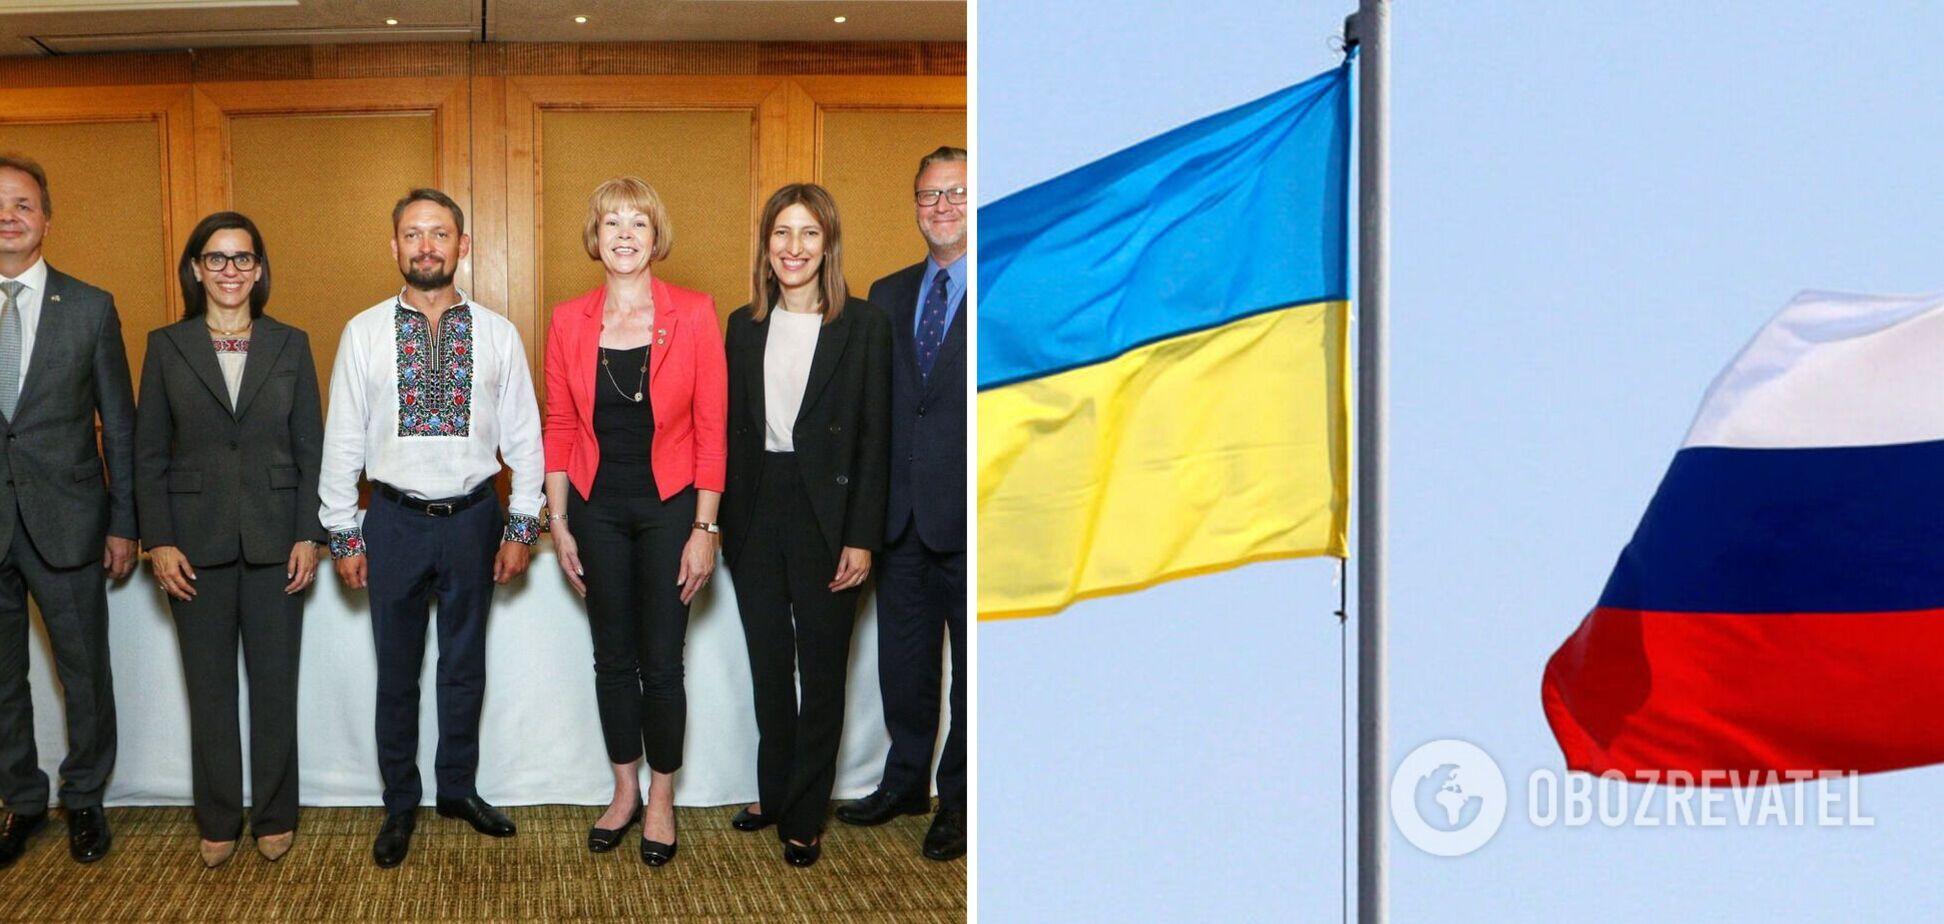 Великобритания, США, Канада и еще несколько стран создадут фонд в поддержку Украины